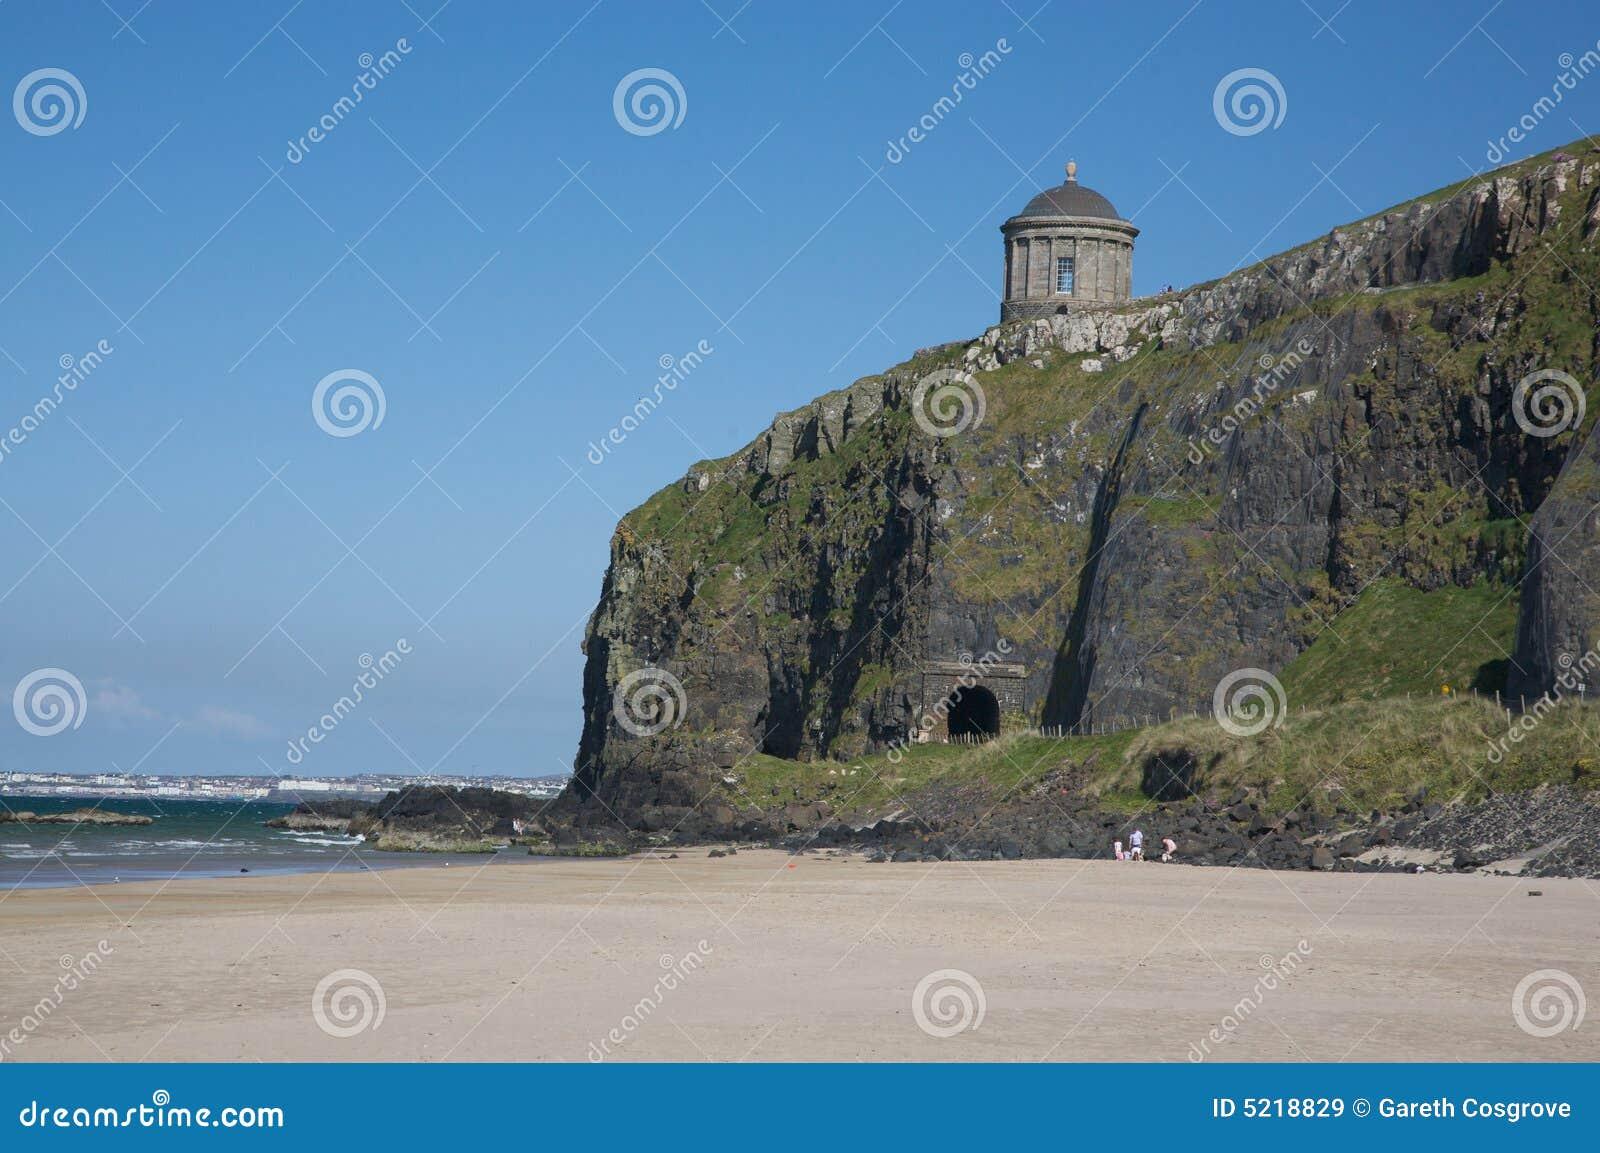 Beach, Cliff and Atrium